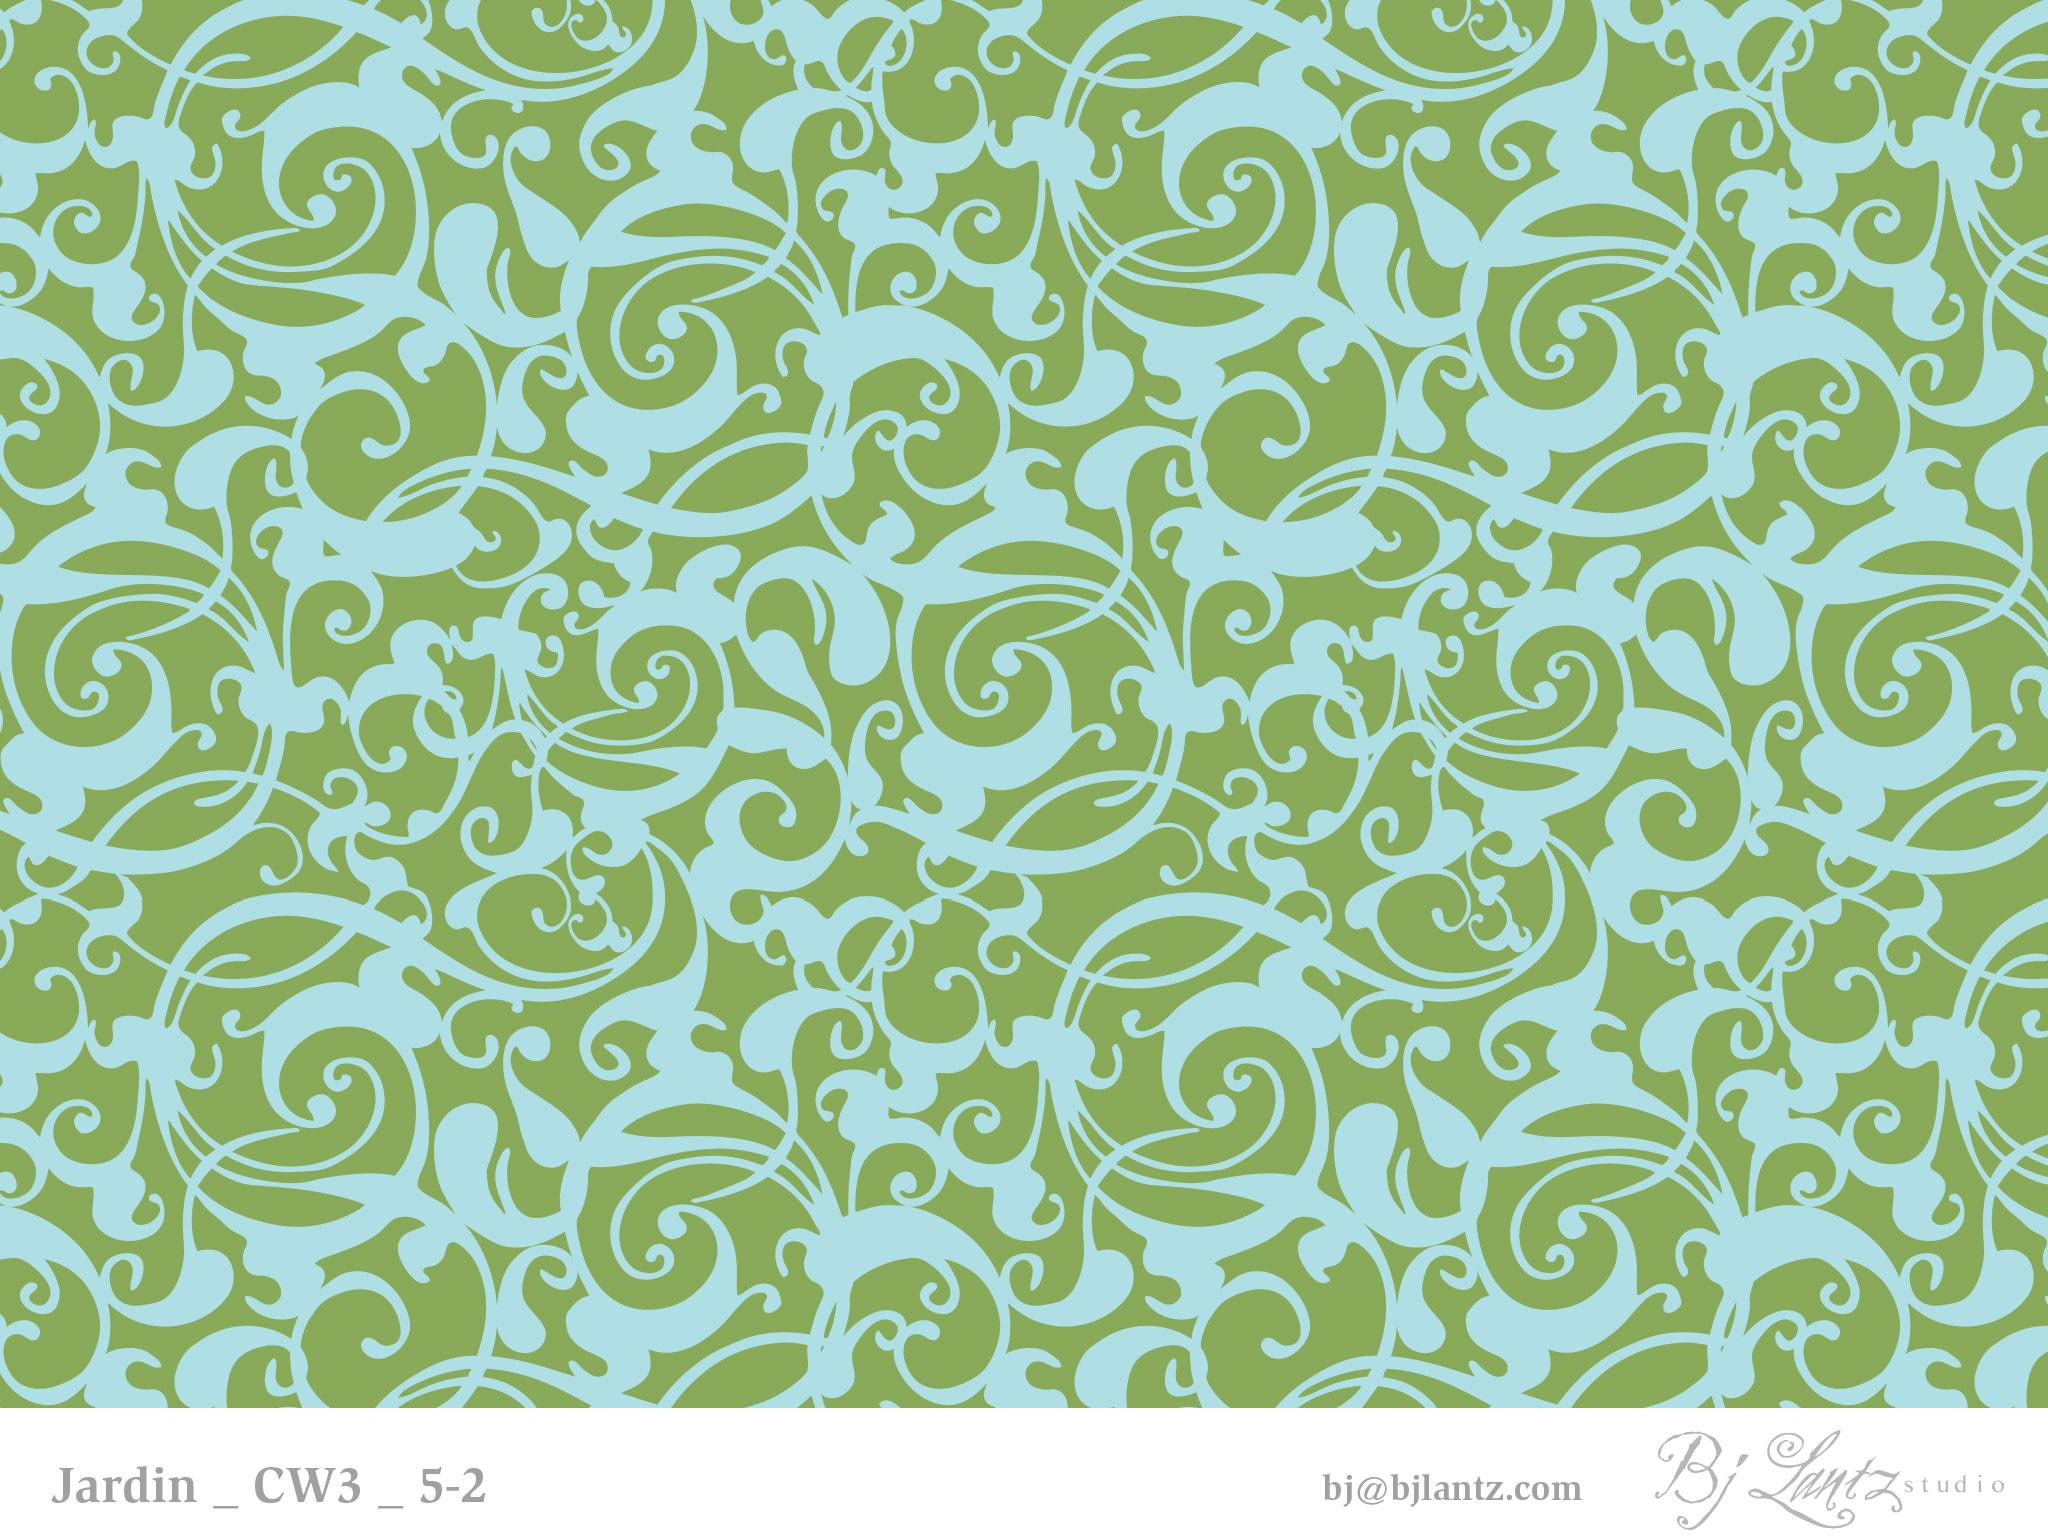 Jardin_CW3-BJ-Lantz_5-2.jpg